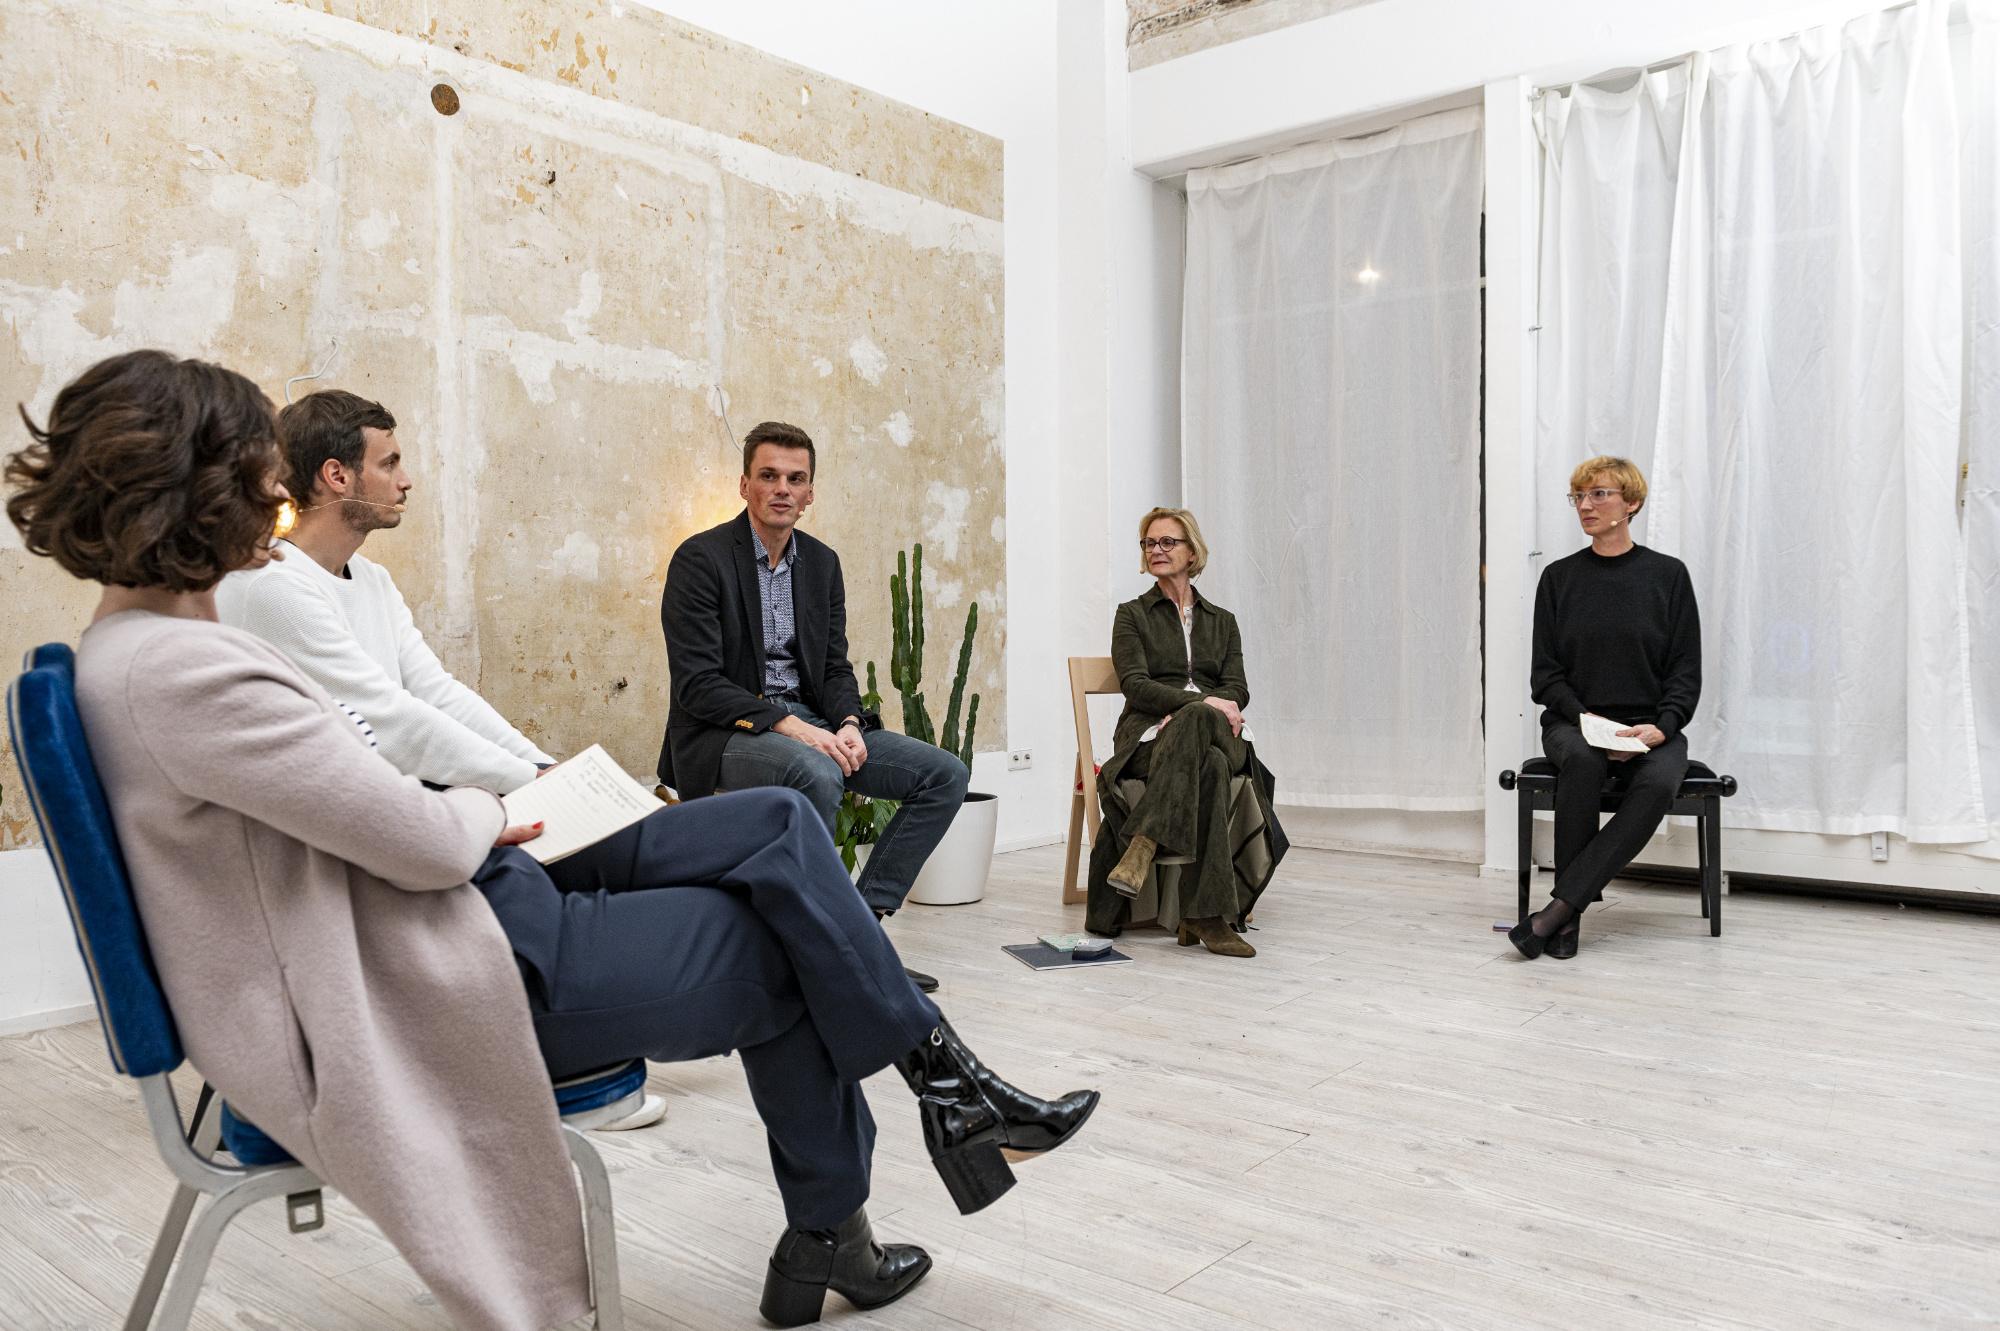 Talk am Abend: Nachhaltige Interiors - Inzwischen selbstverständlich?